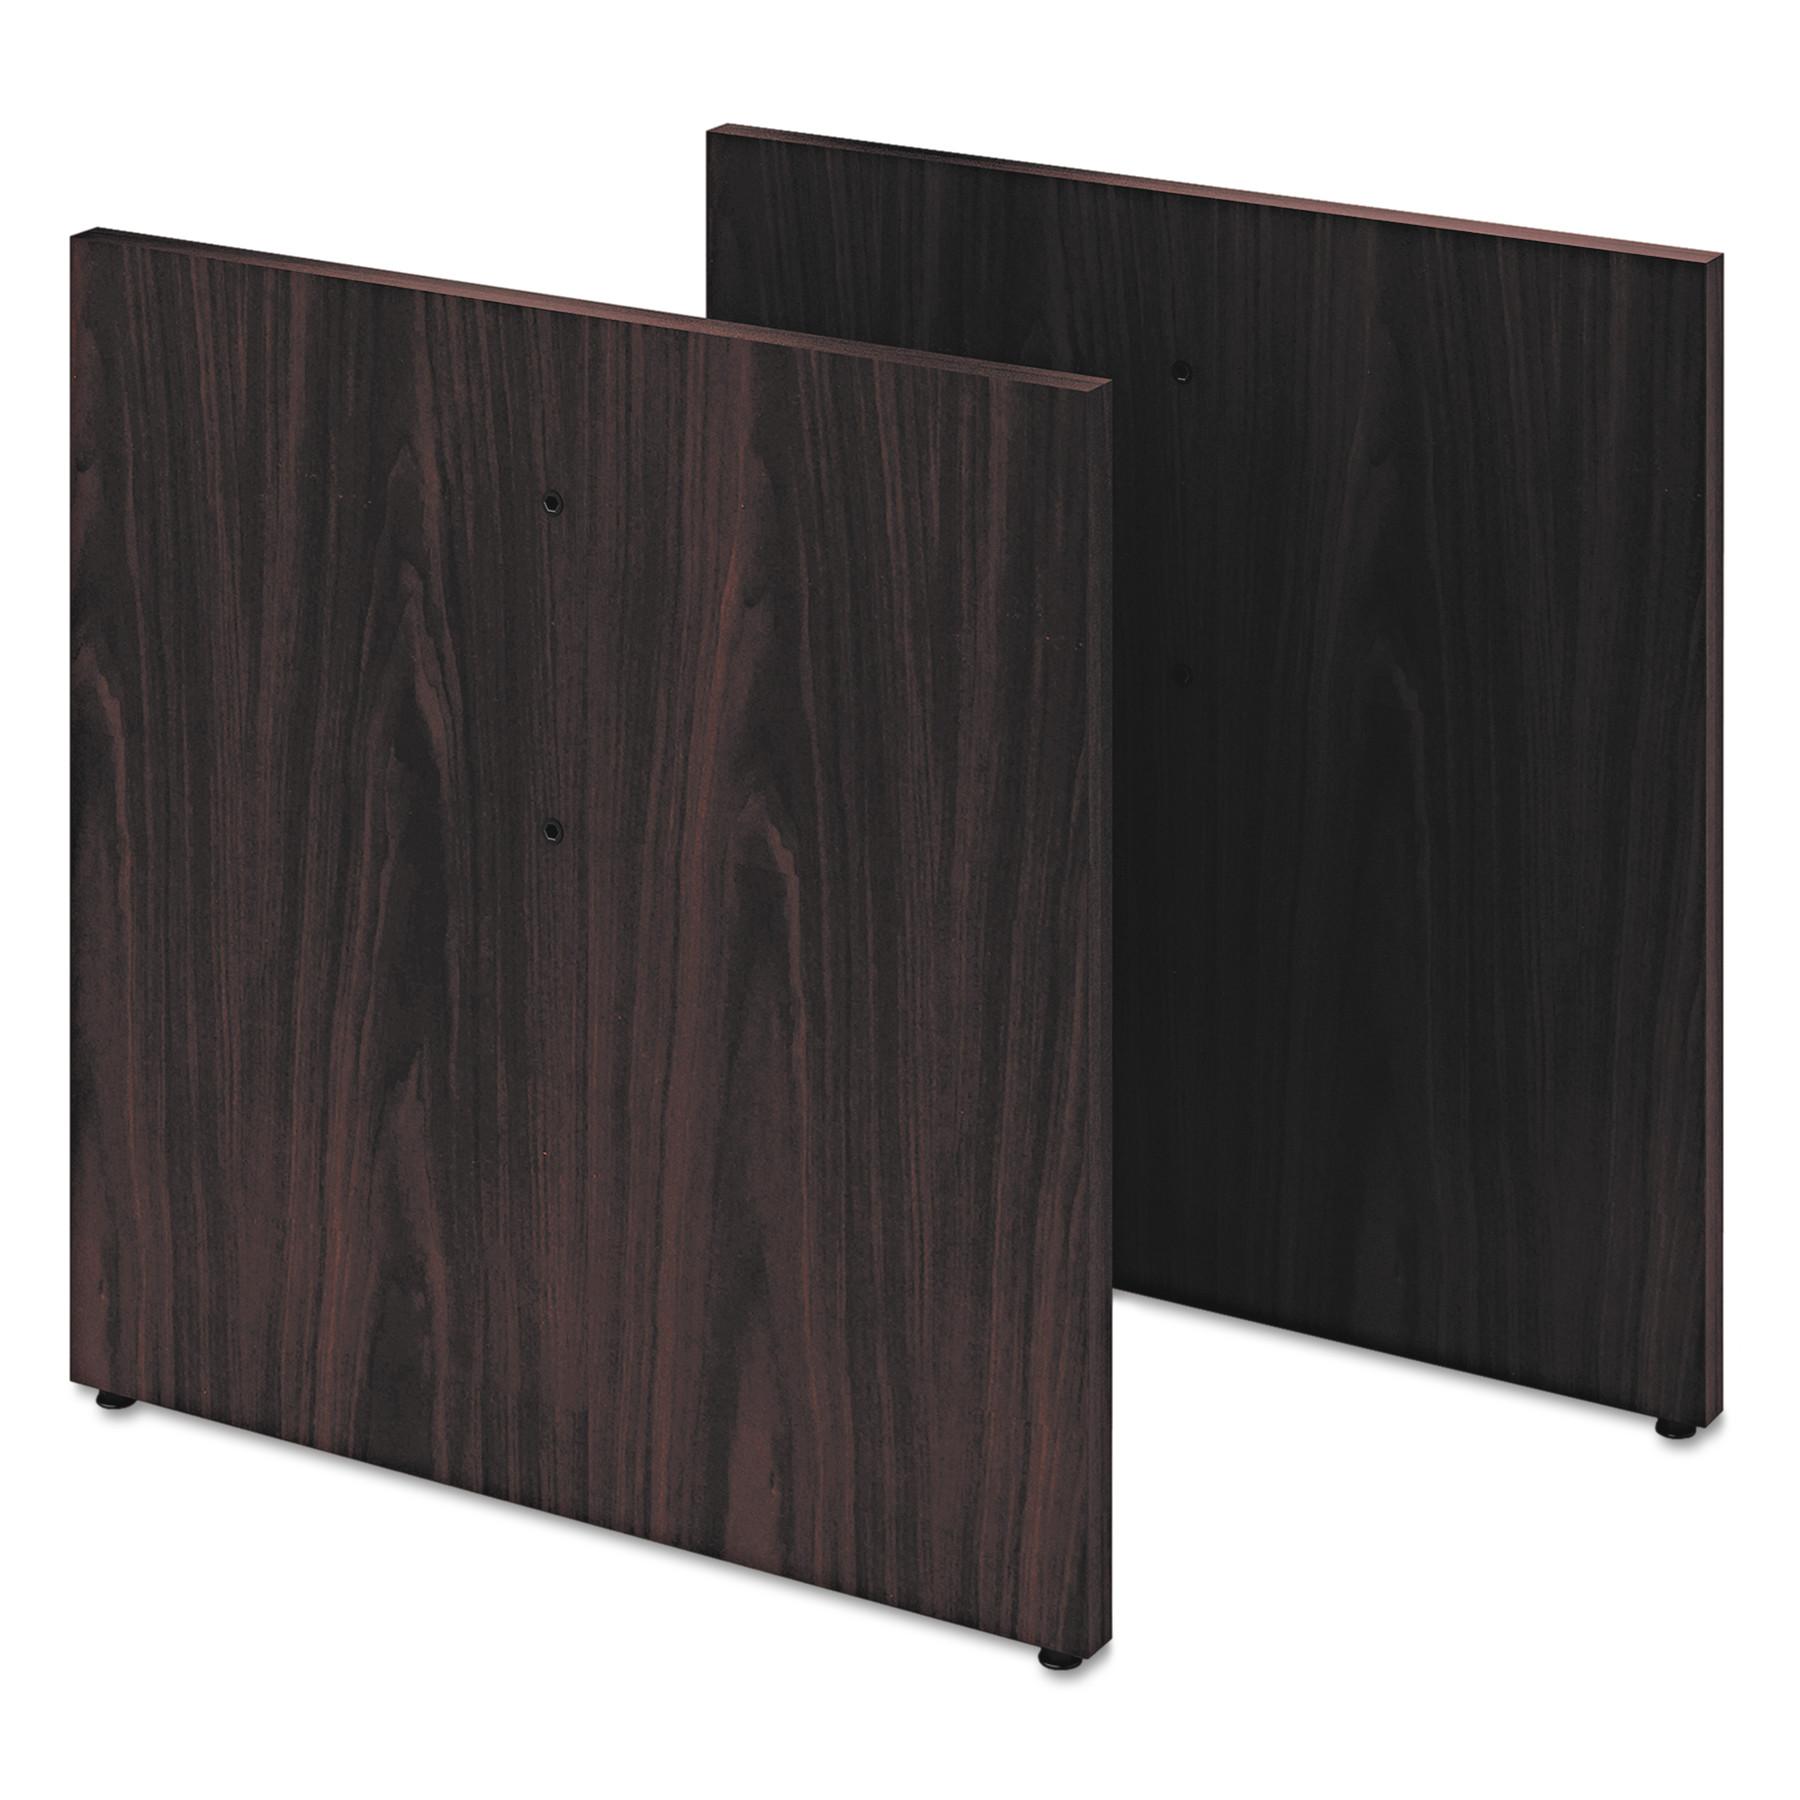 HON Preside Conference Table Panel Base, 28 x 27 3/4, Mahogany